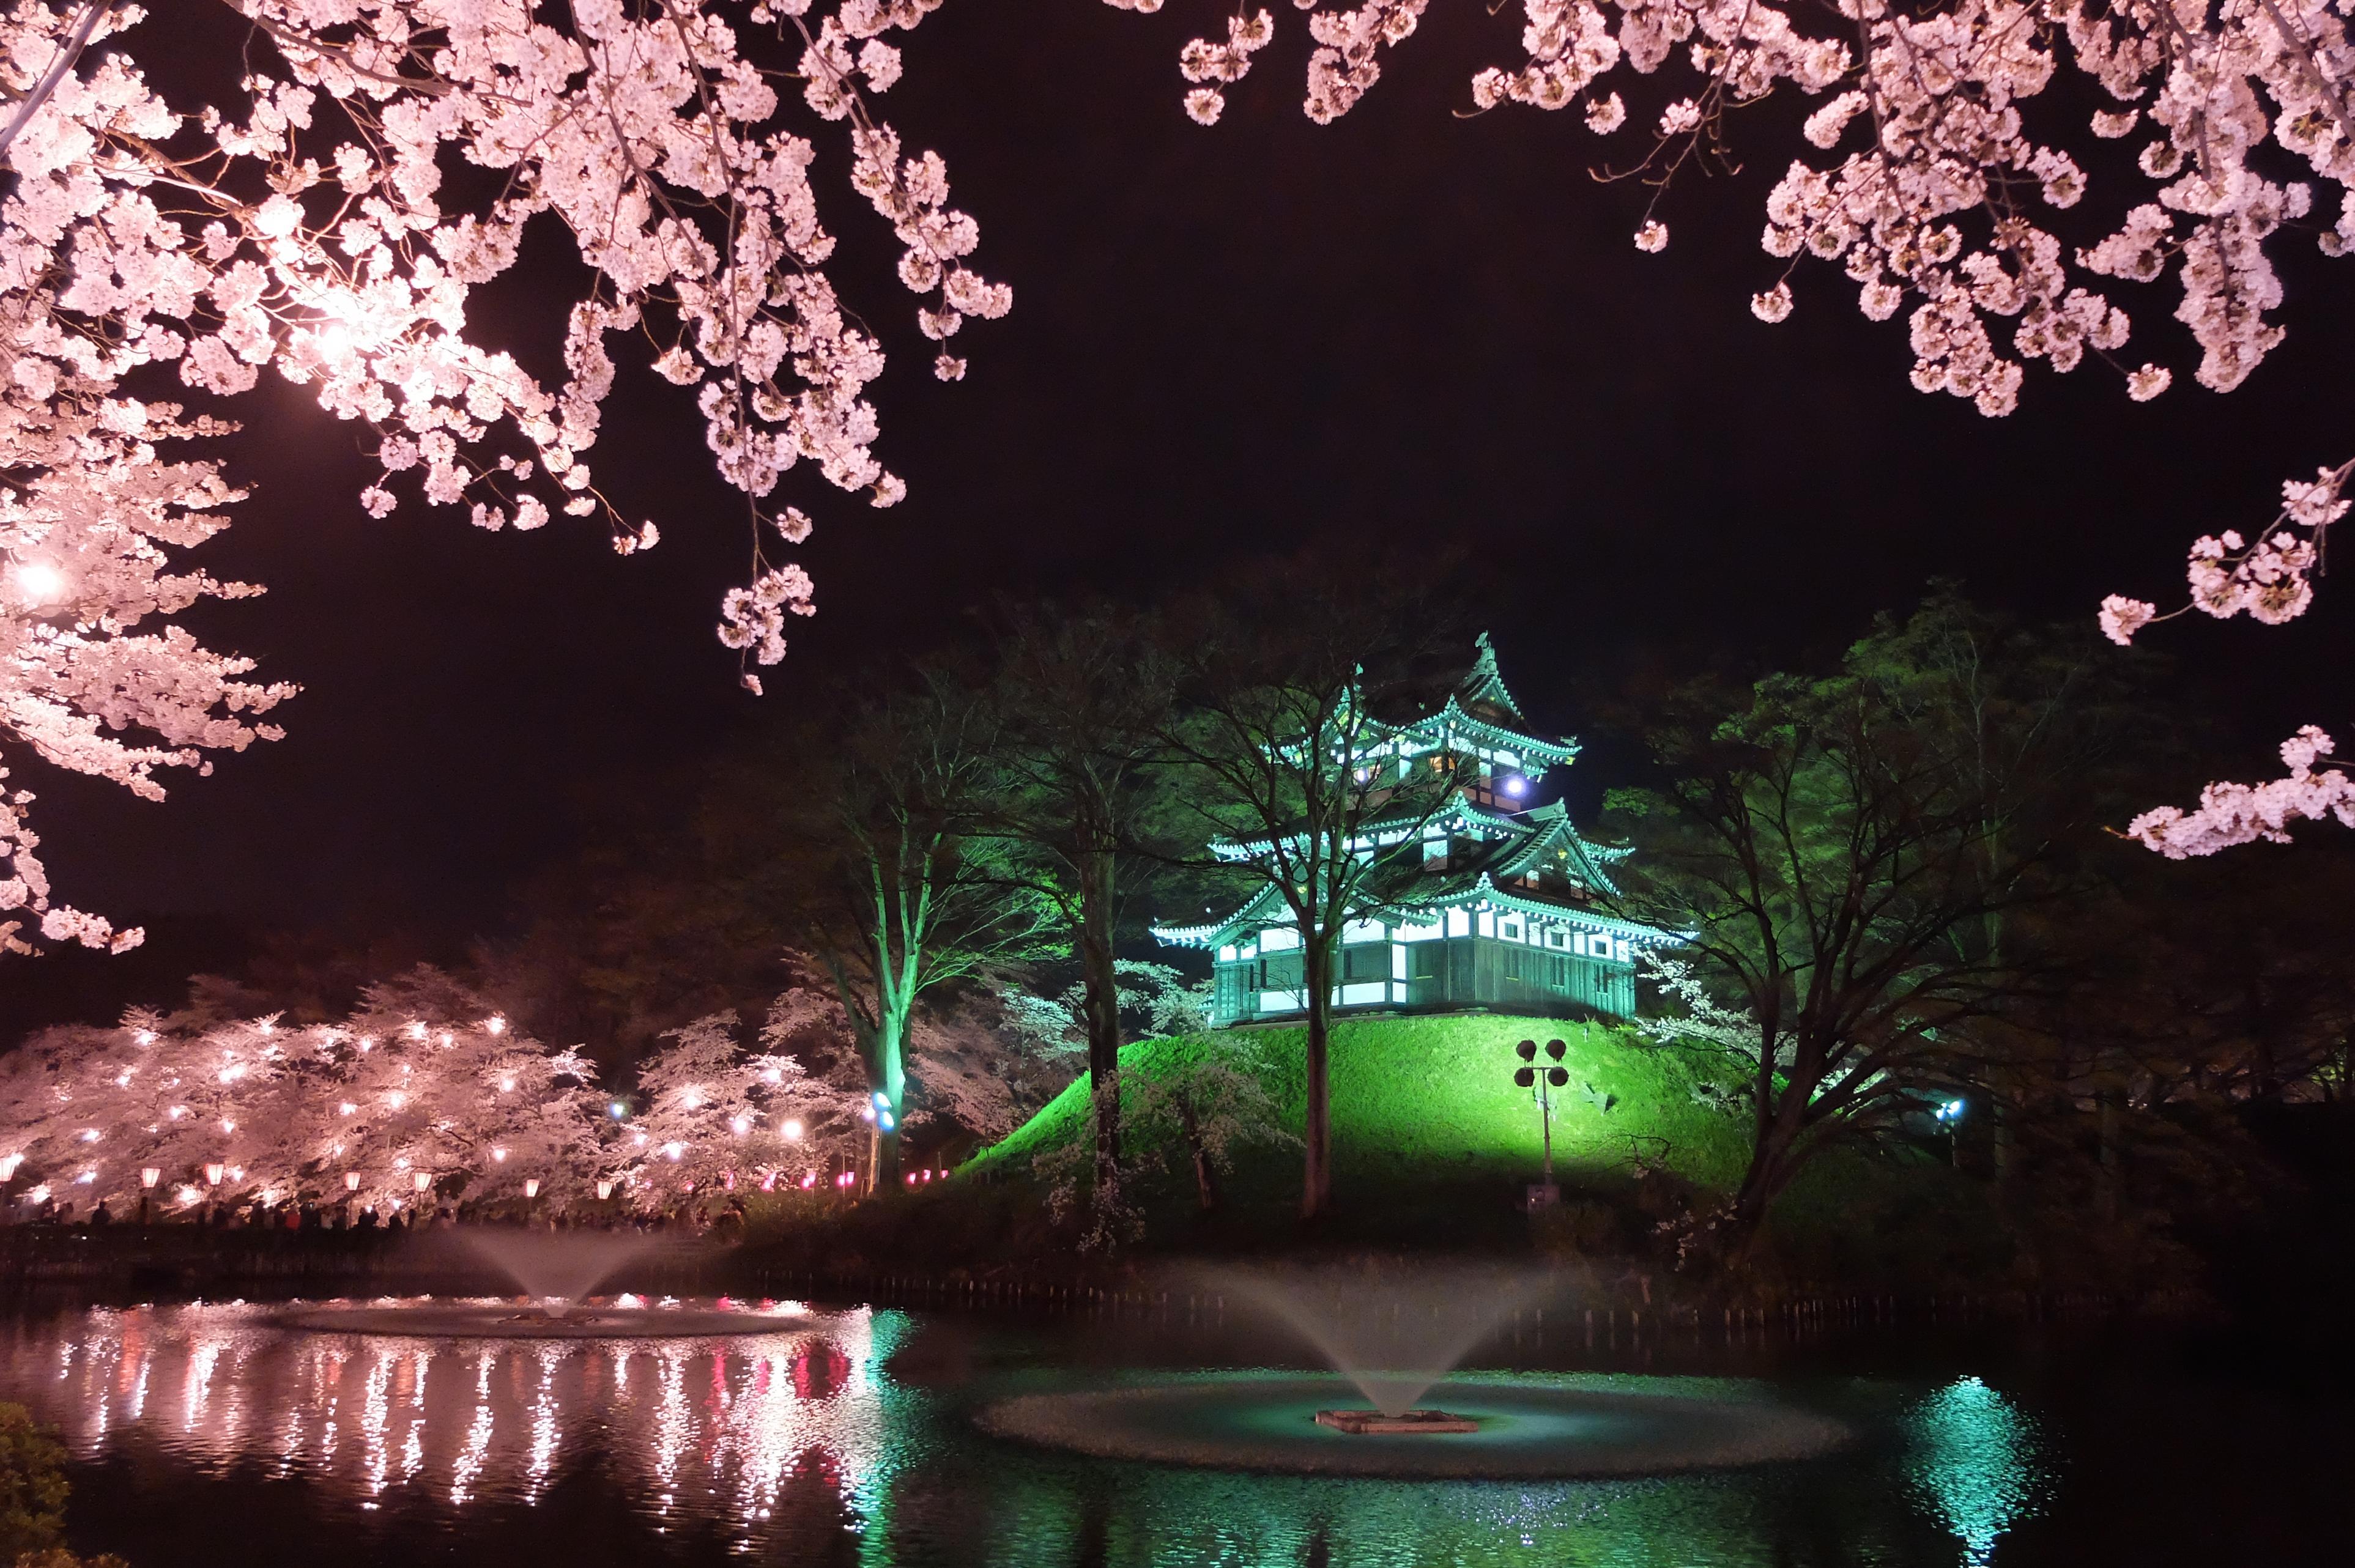 http://www.art-photo.jp/blog/archives/images/2014.04.12/2015.04.12_01.jpg